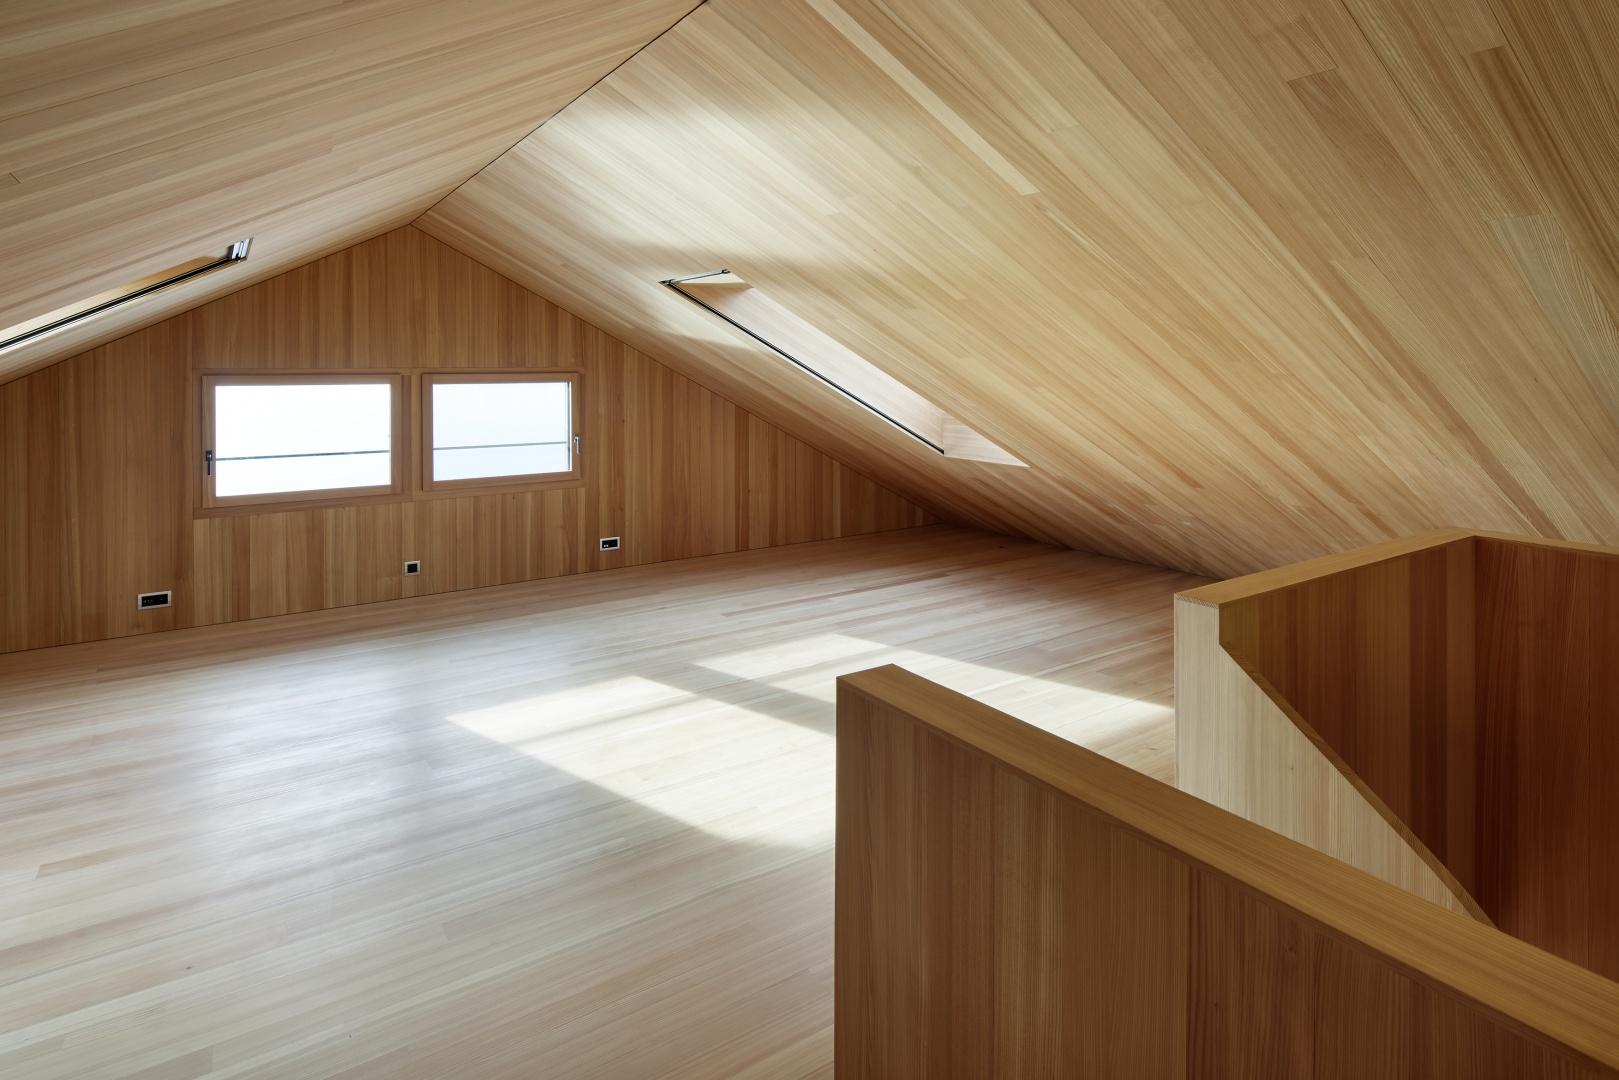 Dachraum © Beat Brechbühl